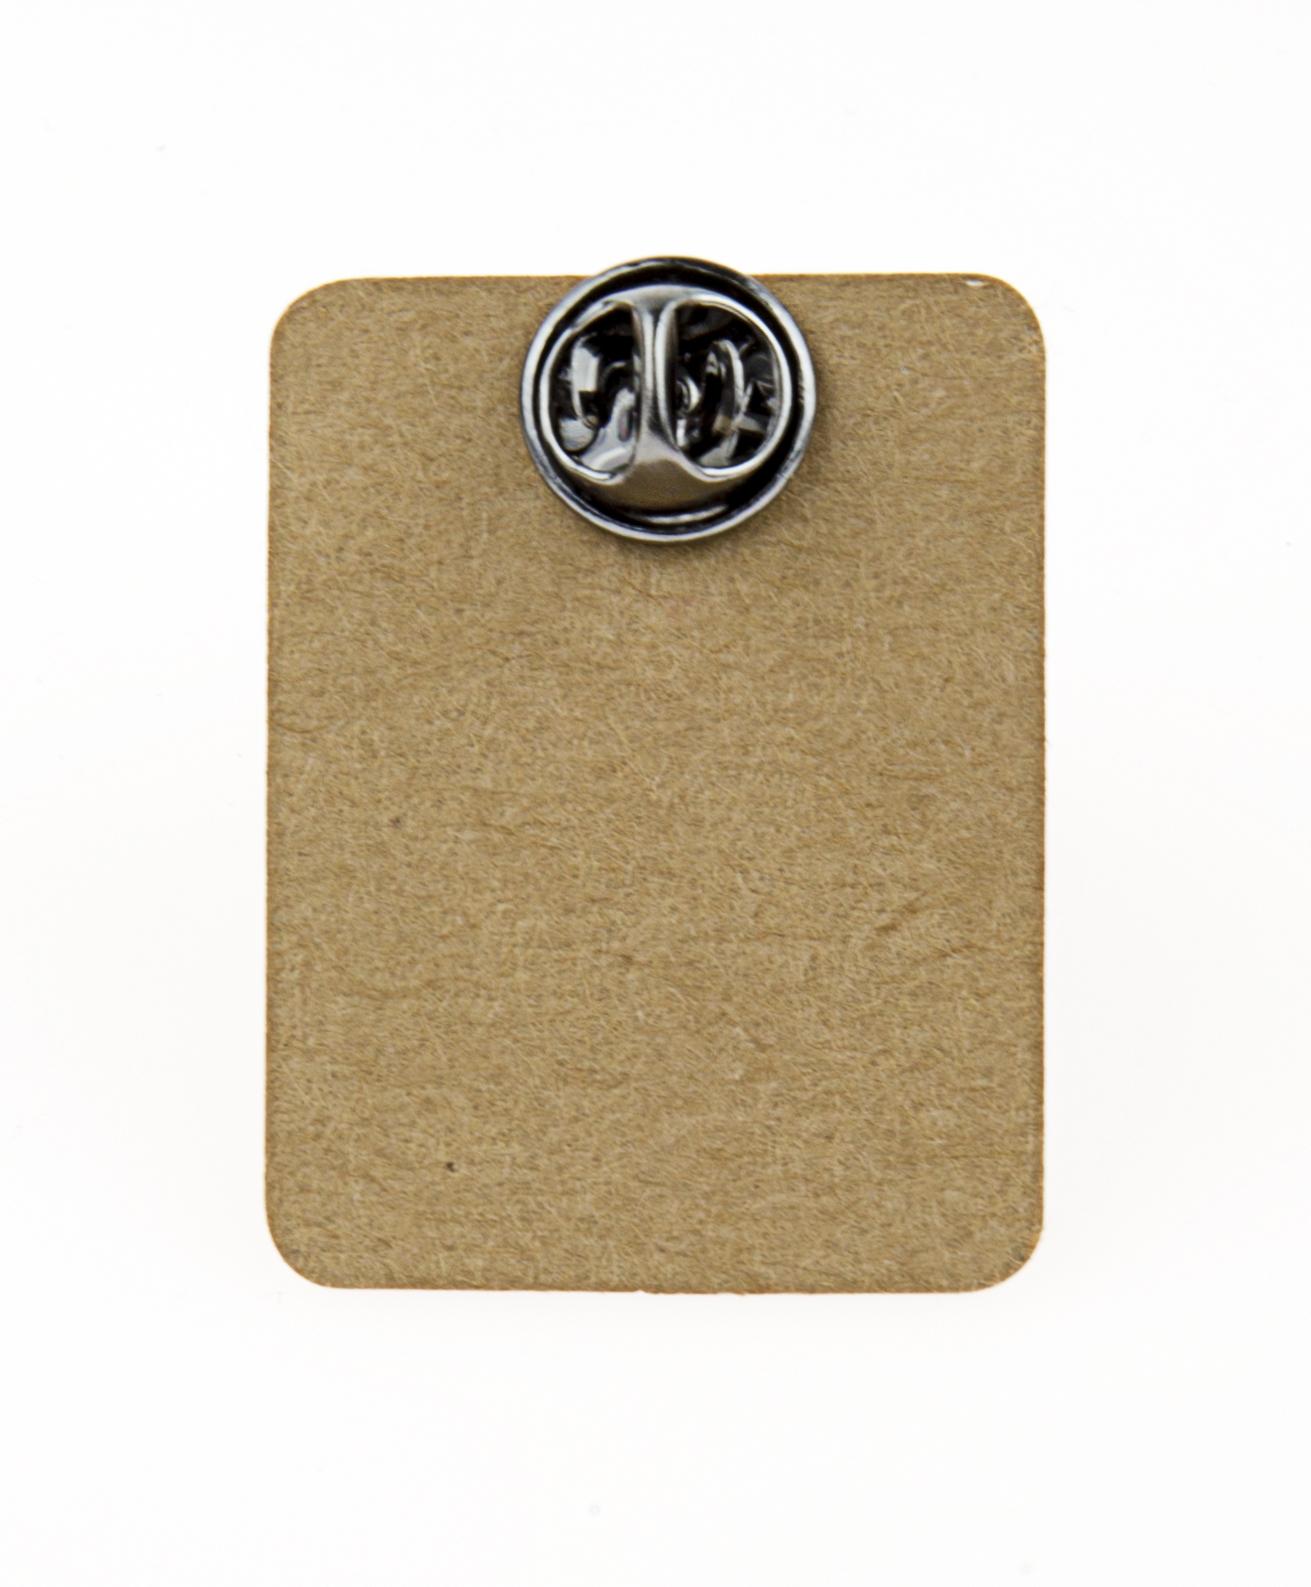 Metal Black&White Peace Sign Enamel Pin Badge